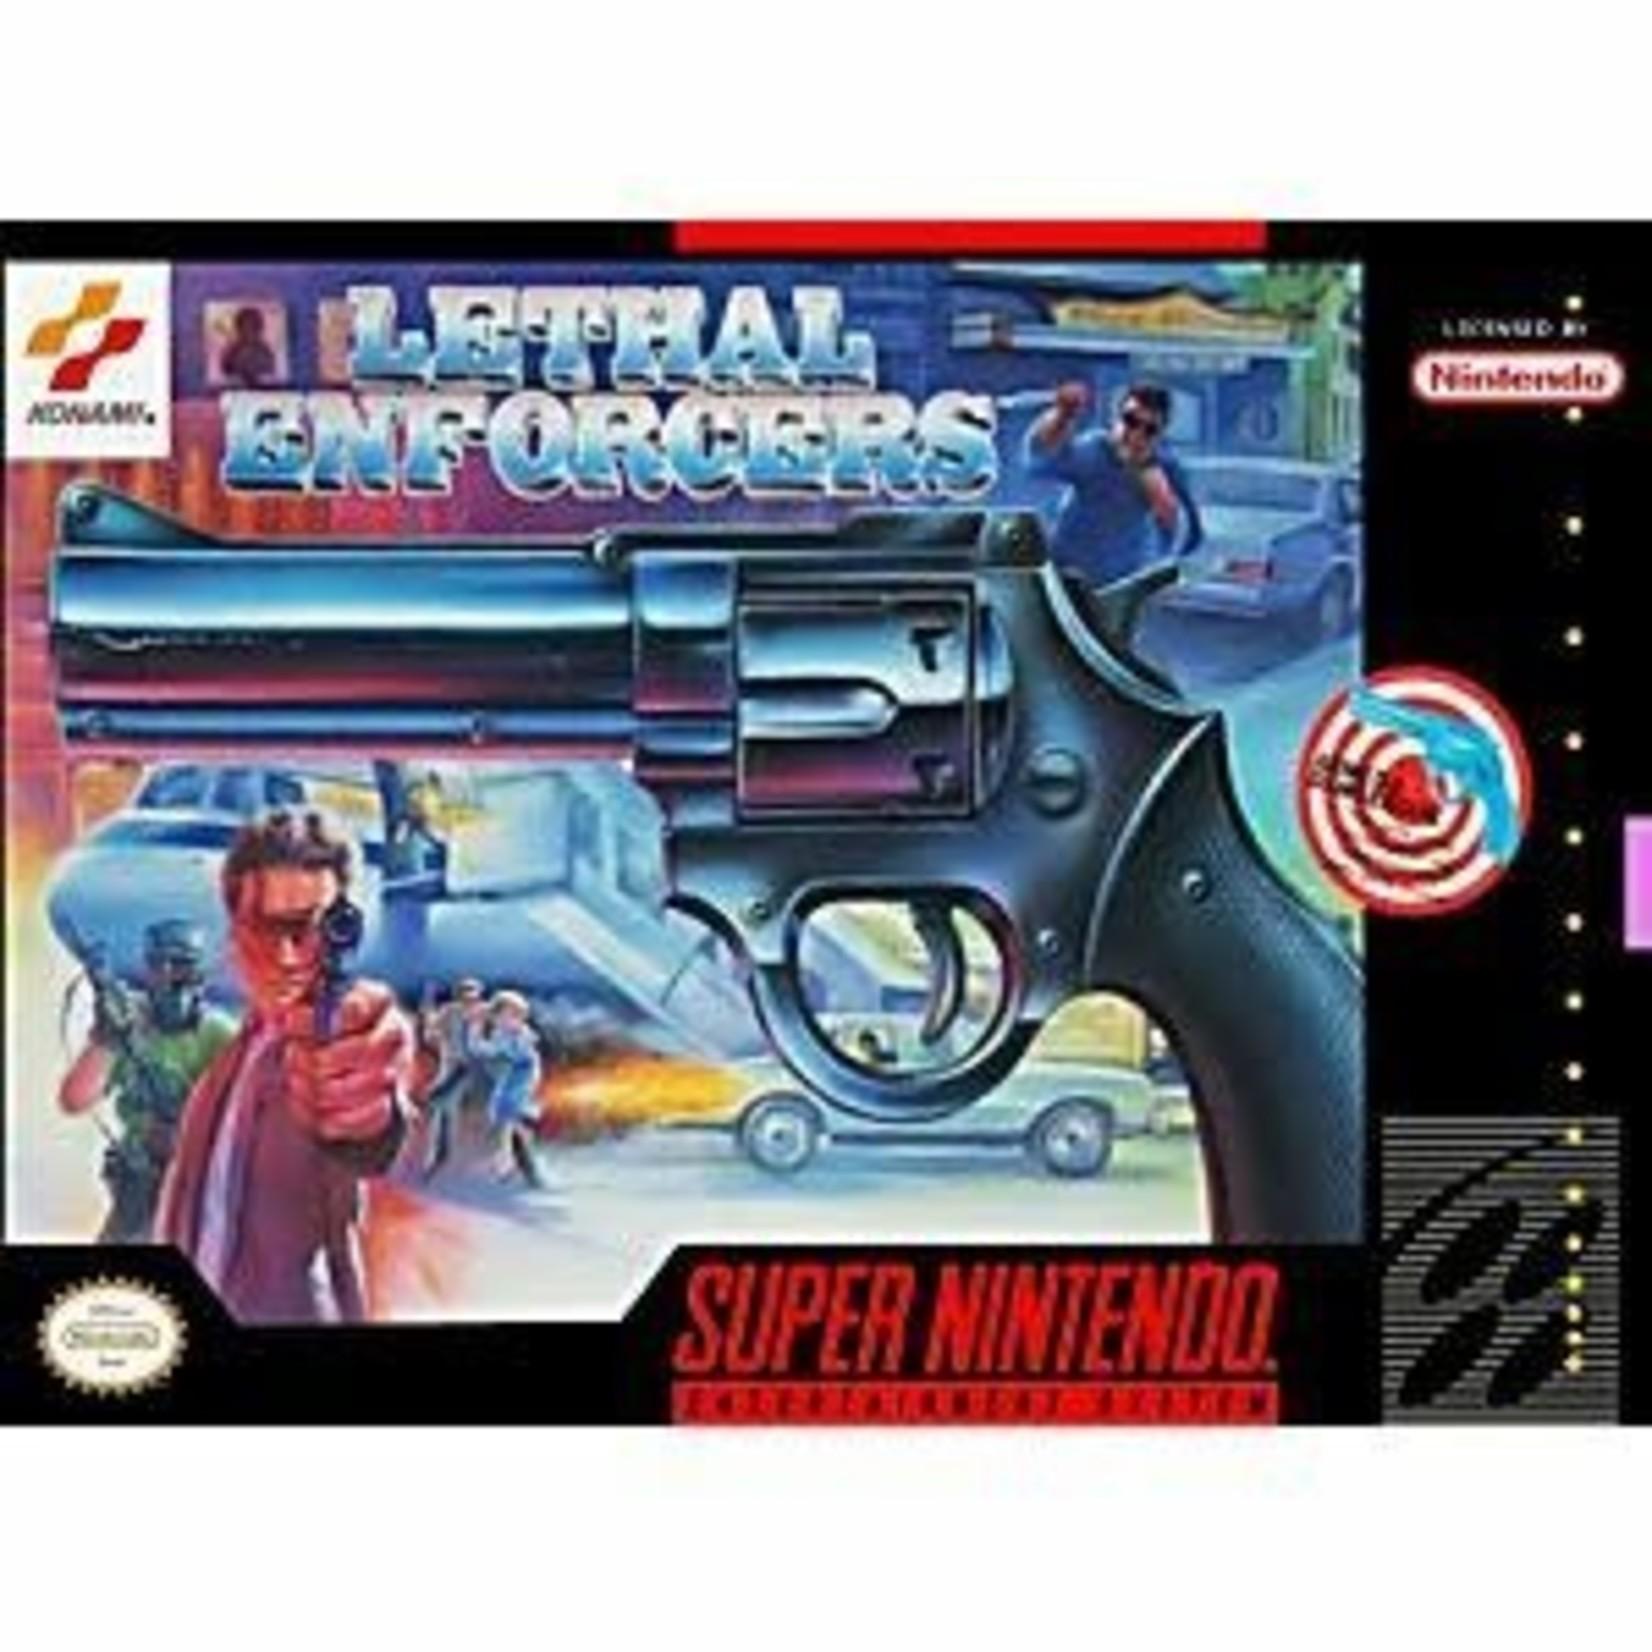 snesu-Lethal Enforcers (cartridge)